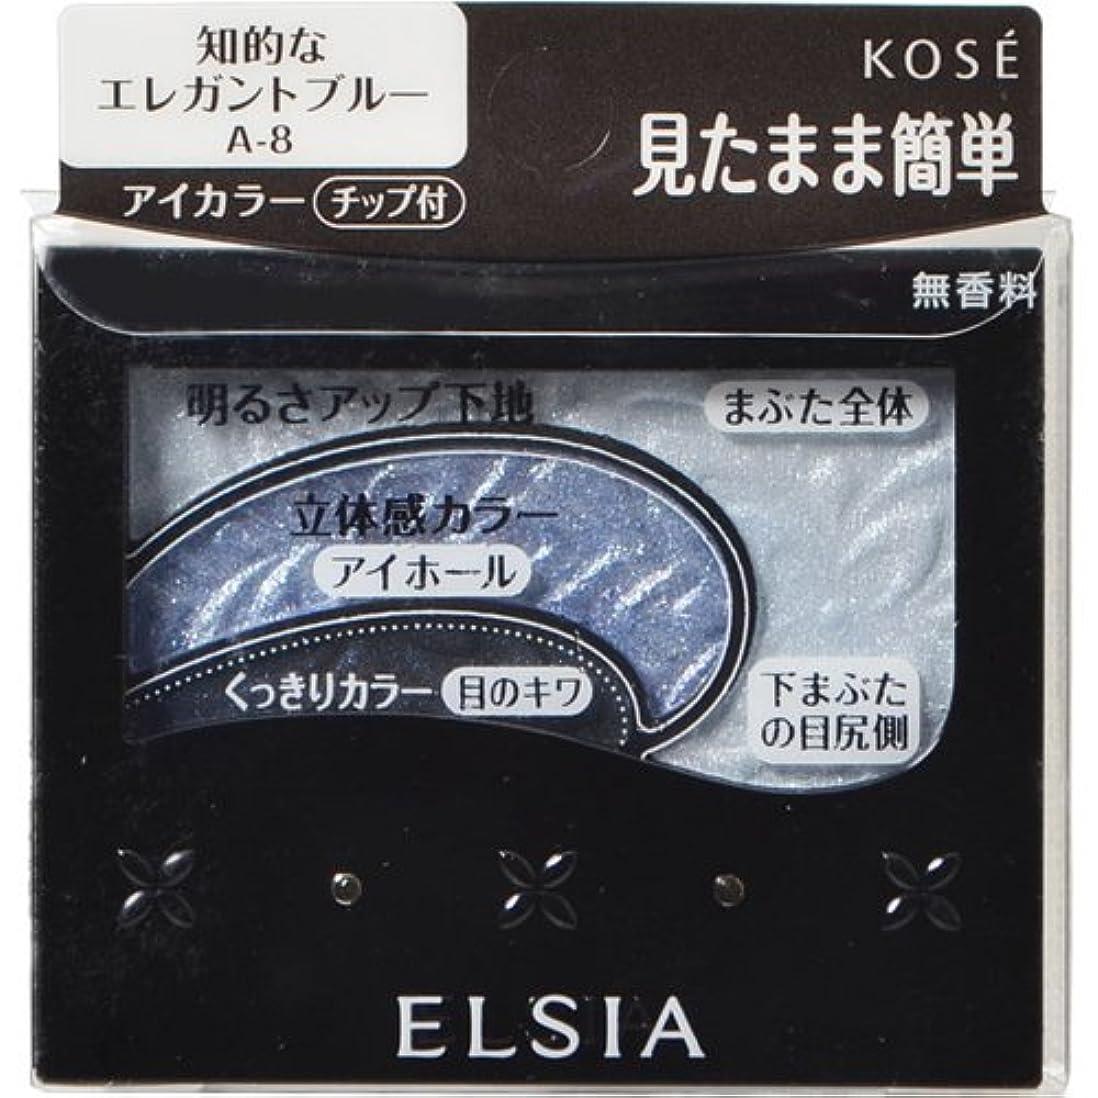 復活させるスキーム技術コーセー エルシア そのまま簡単仕上げ アイカラー #008 2.8g